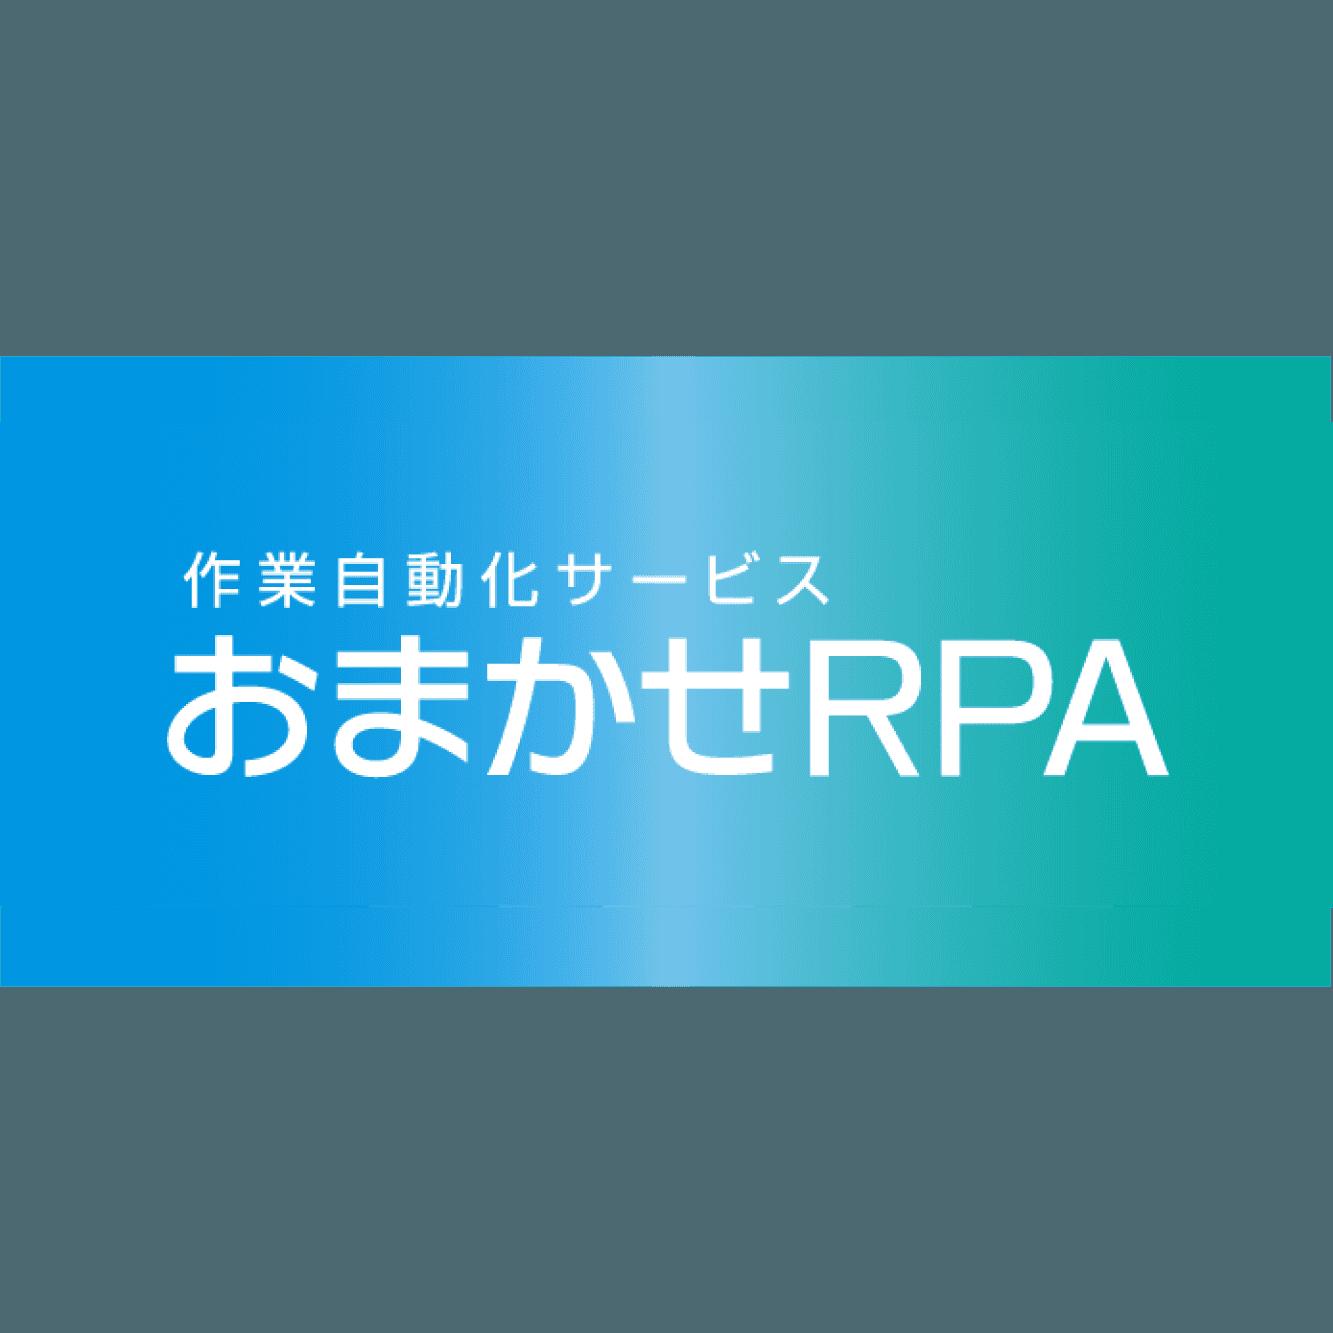 おまかせRPA